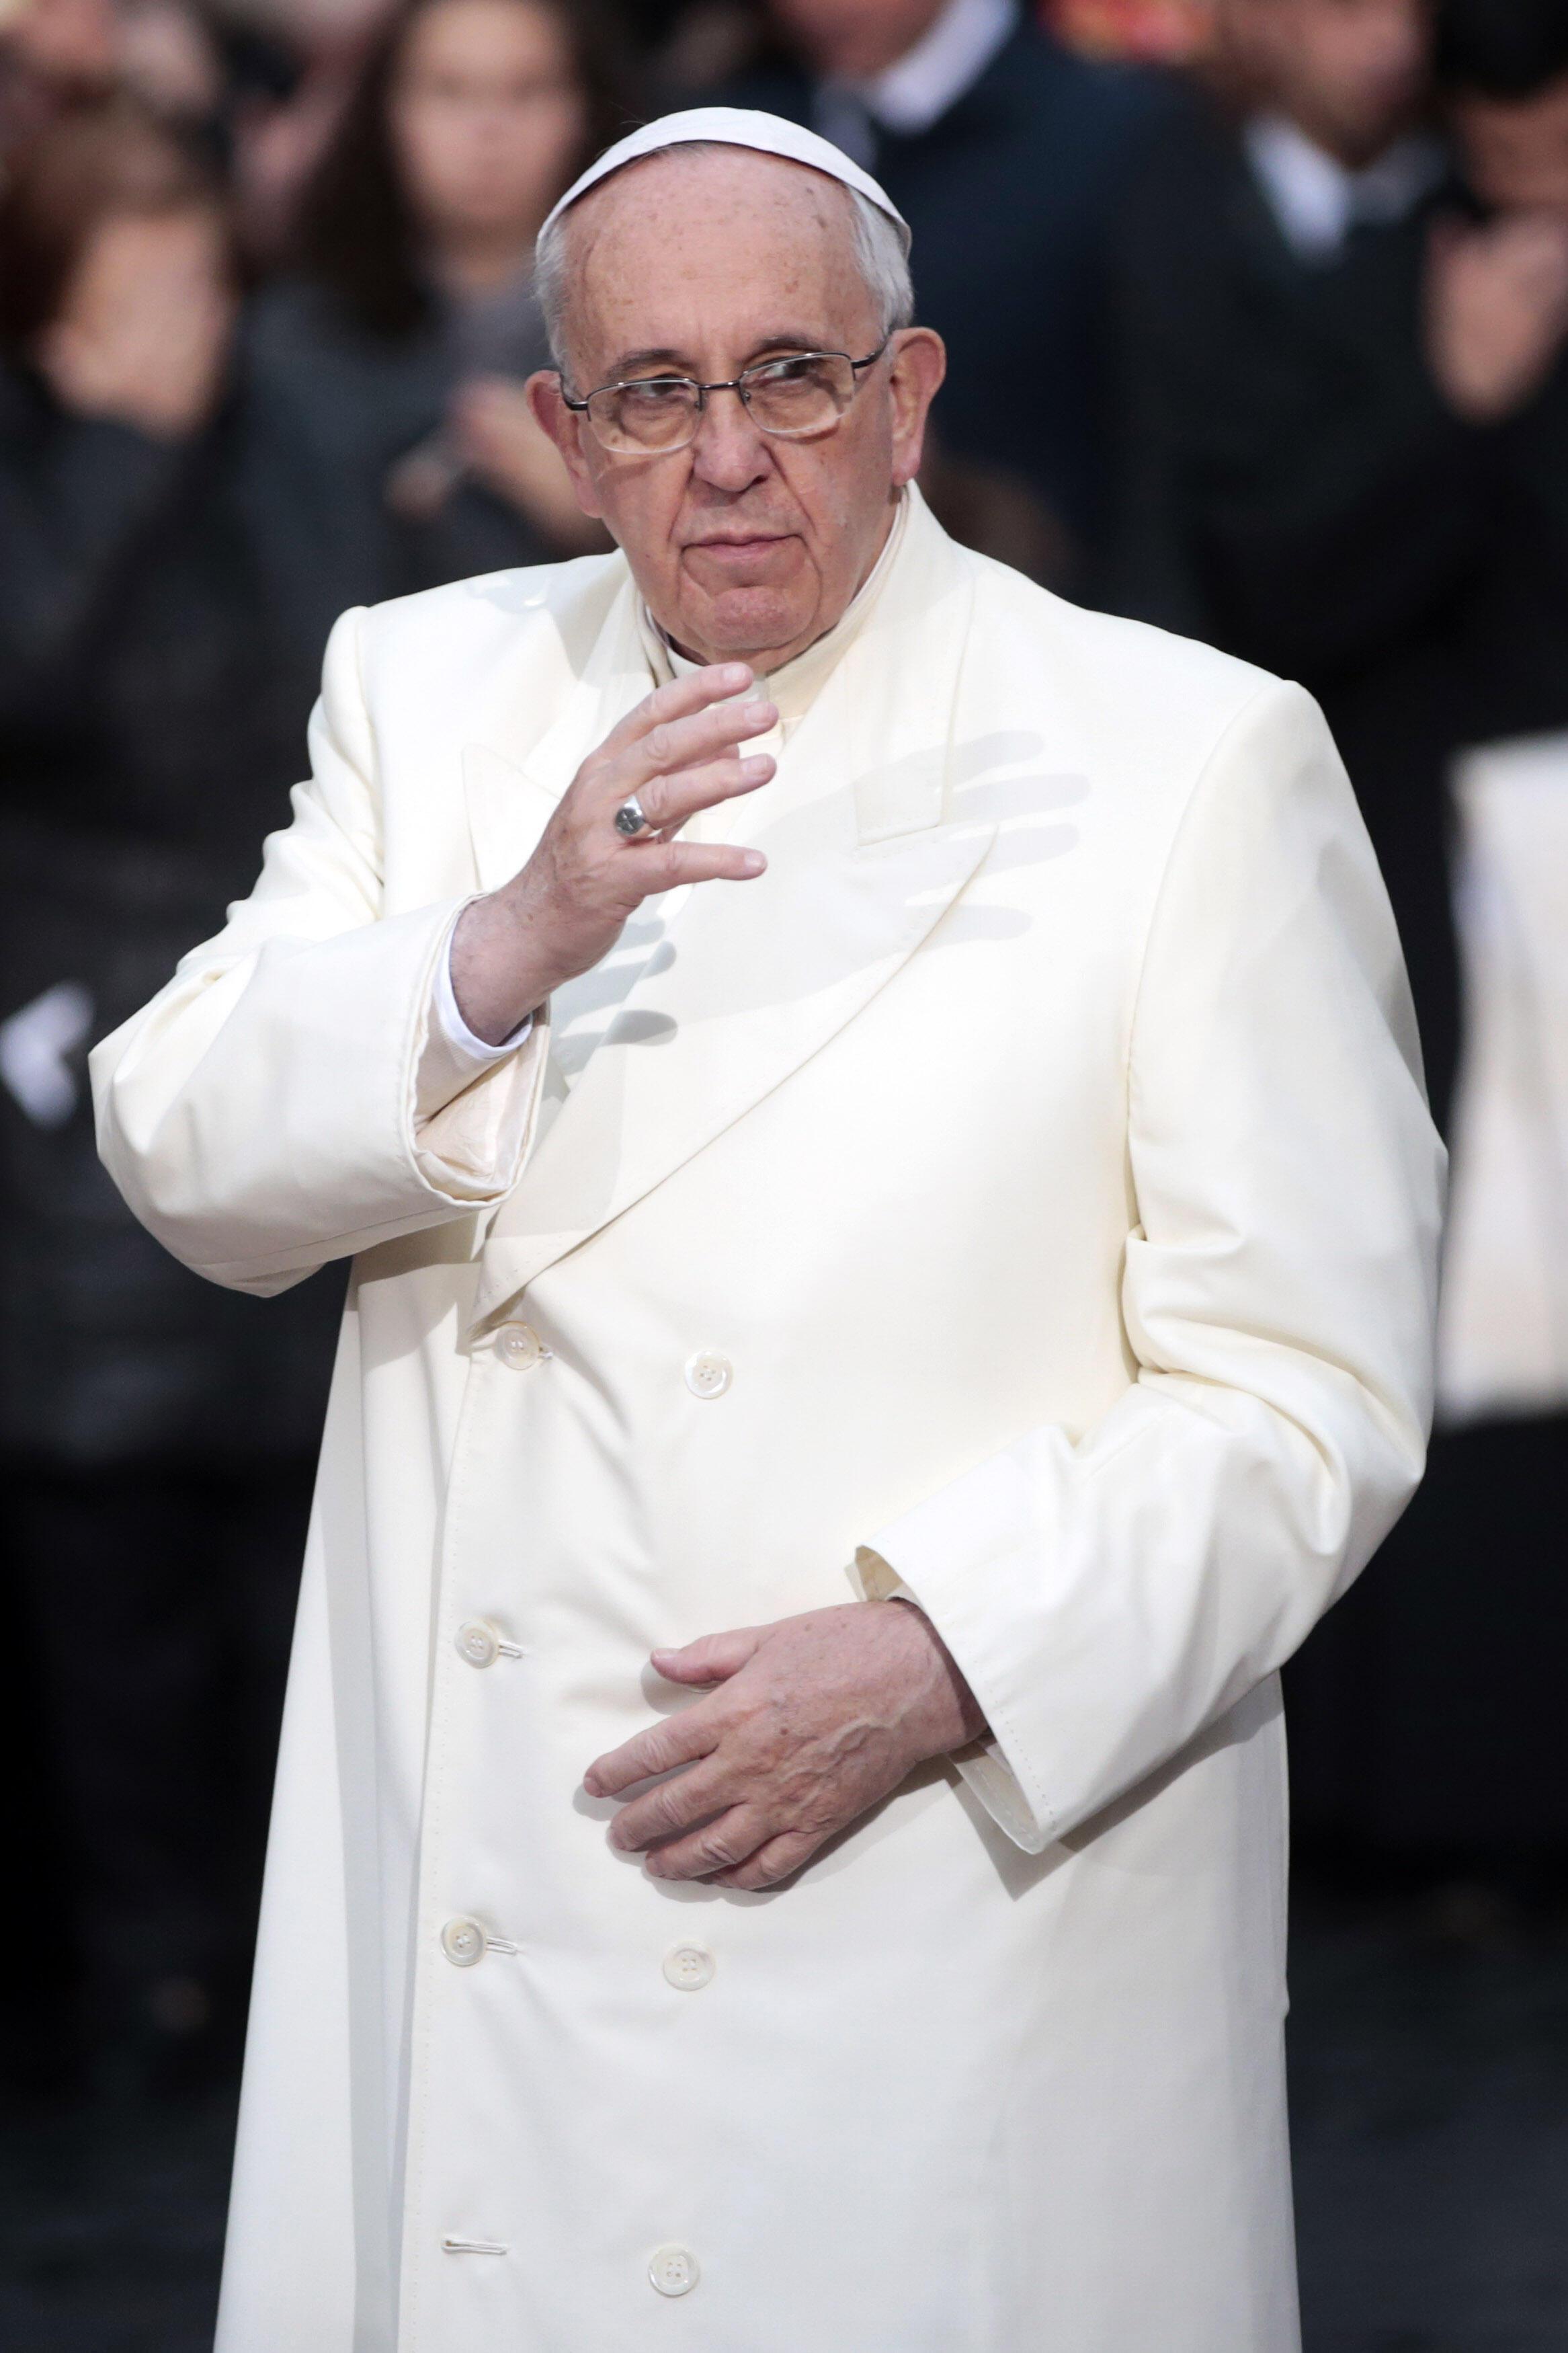 O Vaticano divulgou a primeira mensagem de paz do Papa Francisco, que será lida nas igrejas do mundo no dia 1° de janeiro de 2014.